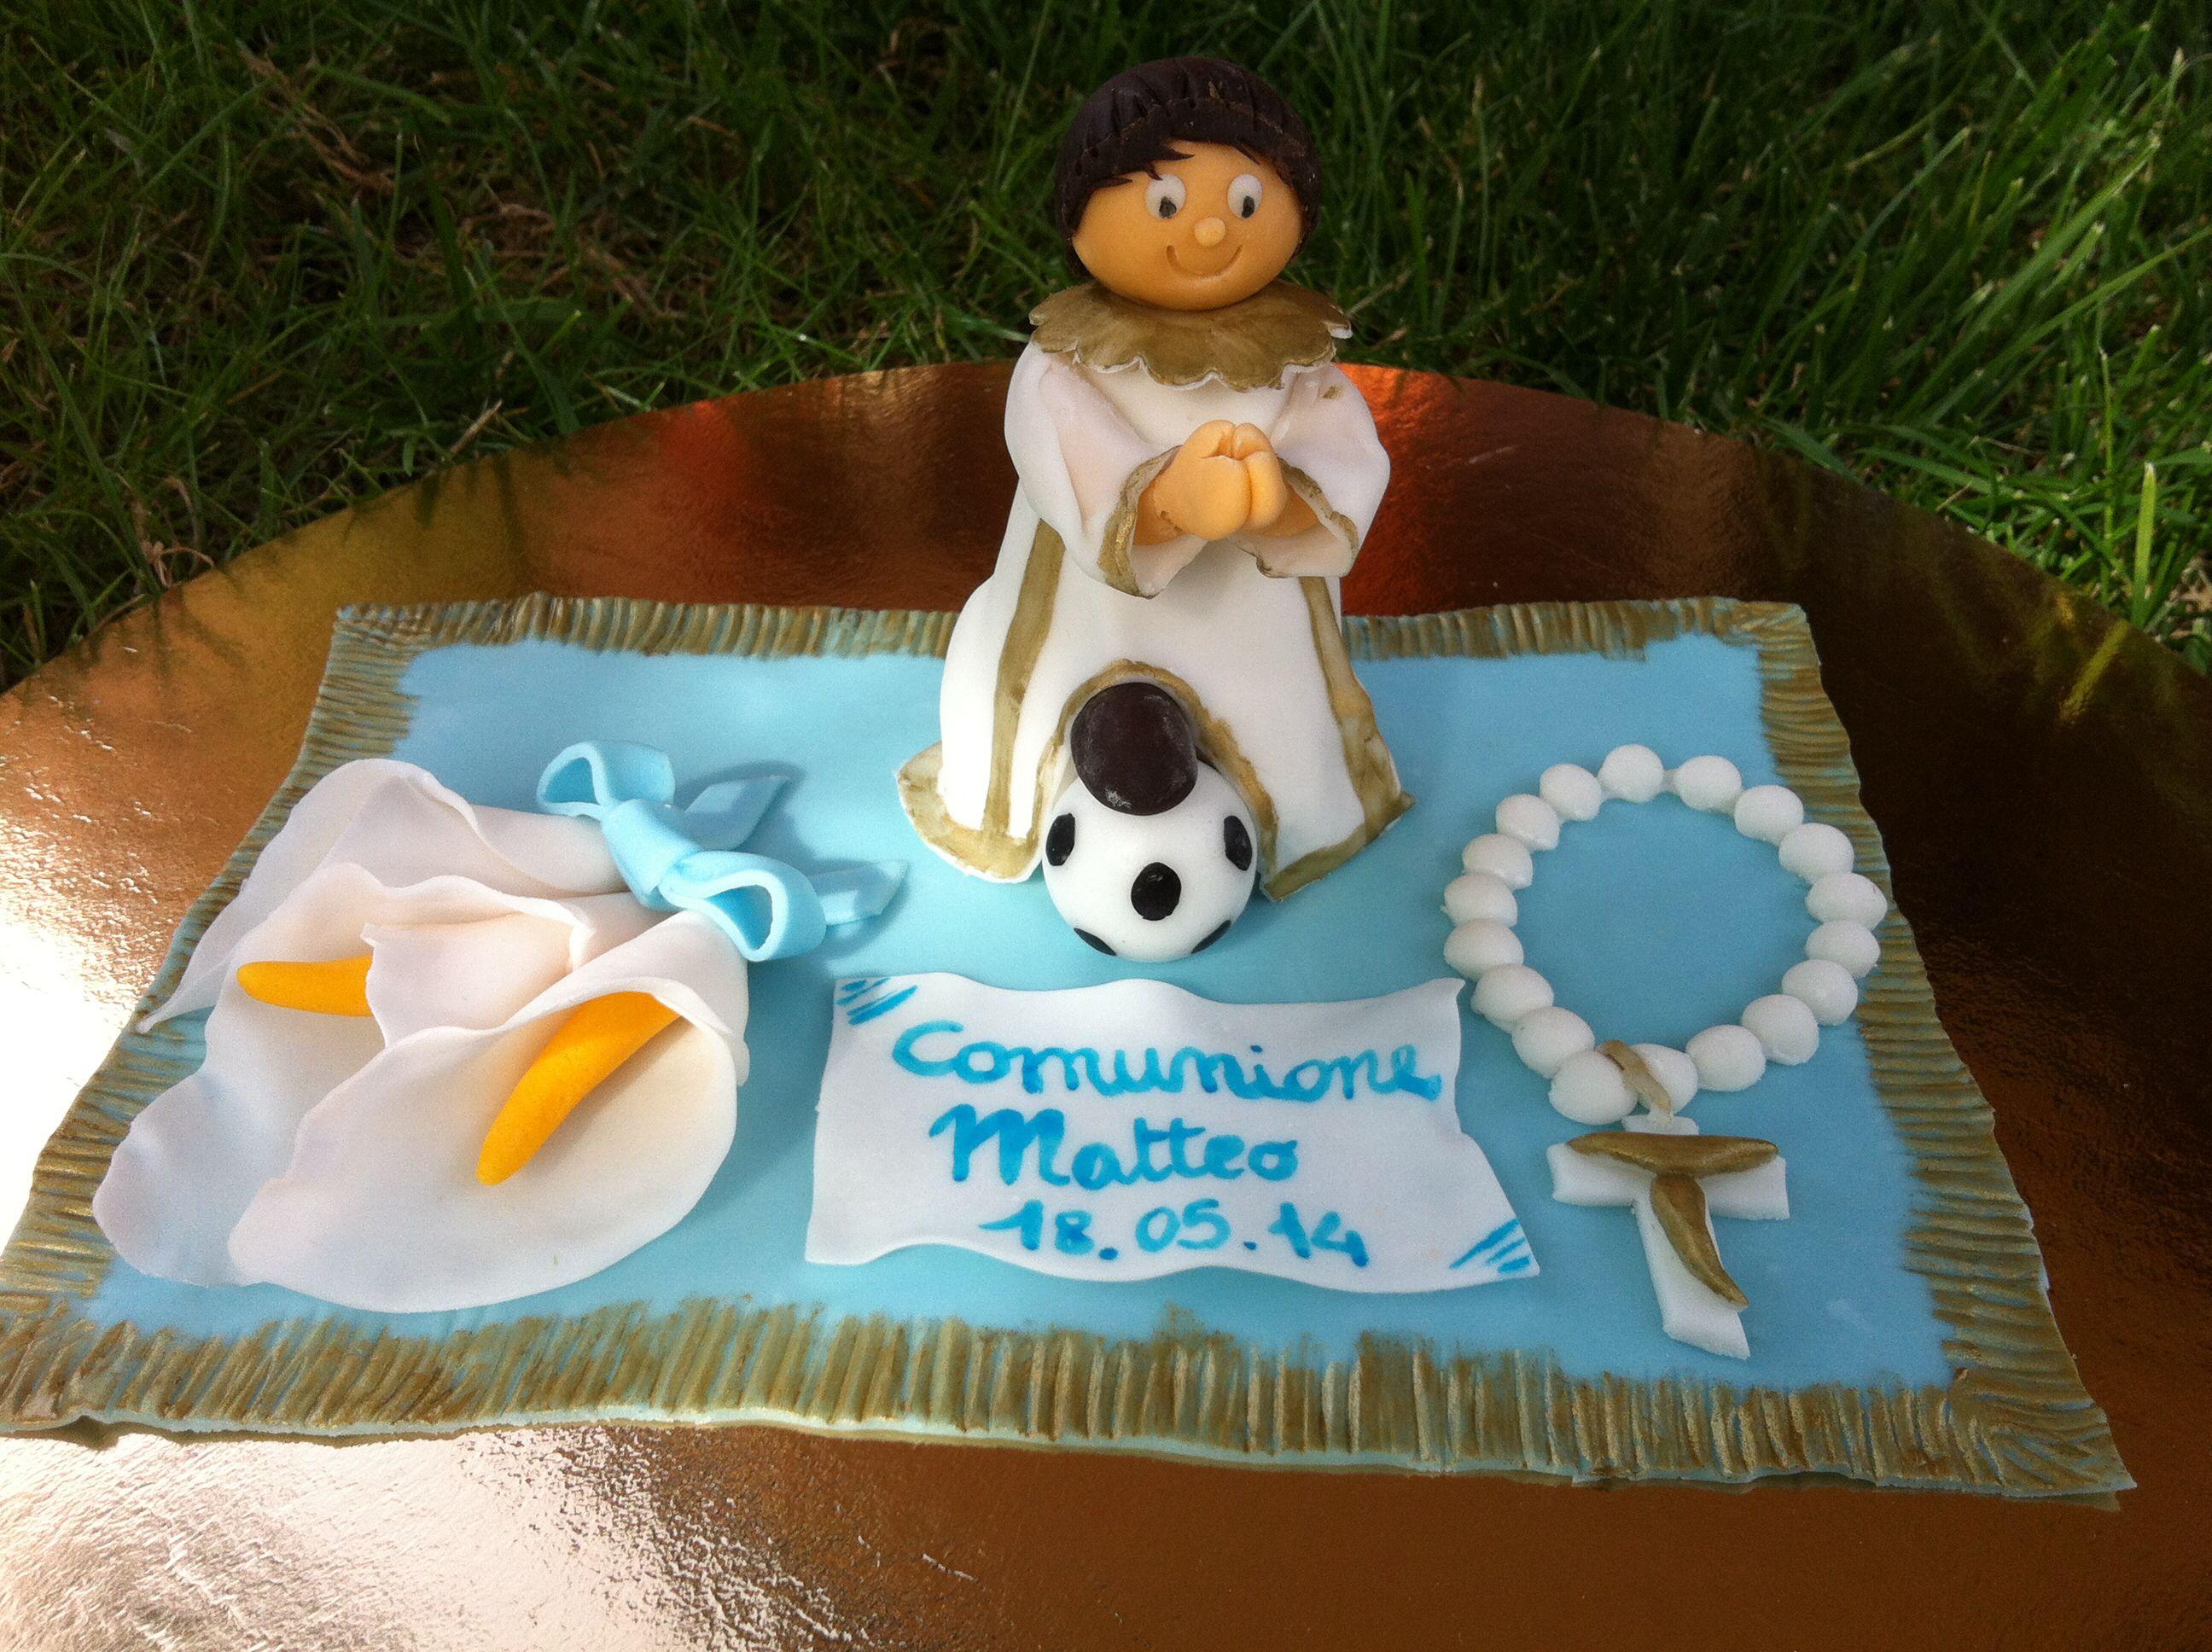 Topper Realizzato Per Comunione Topper Comunione Football Calcio